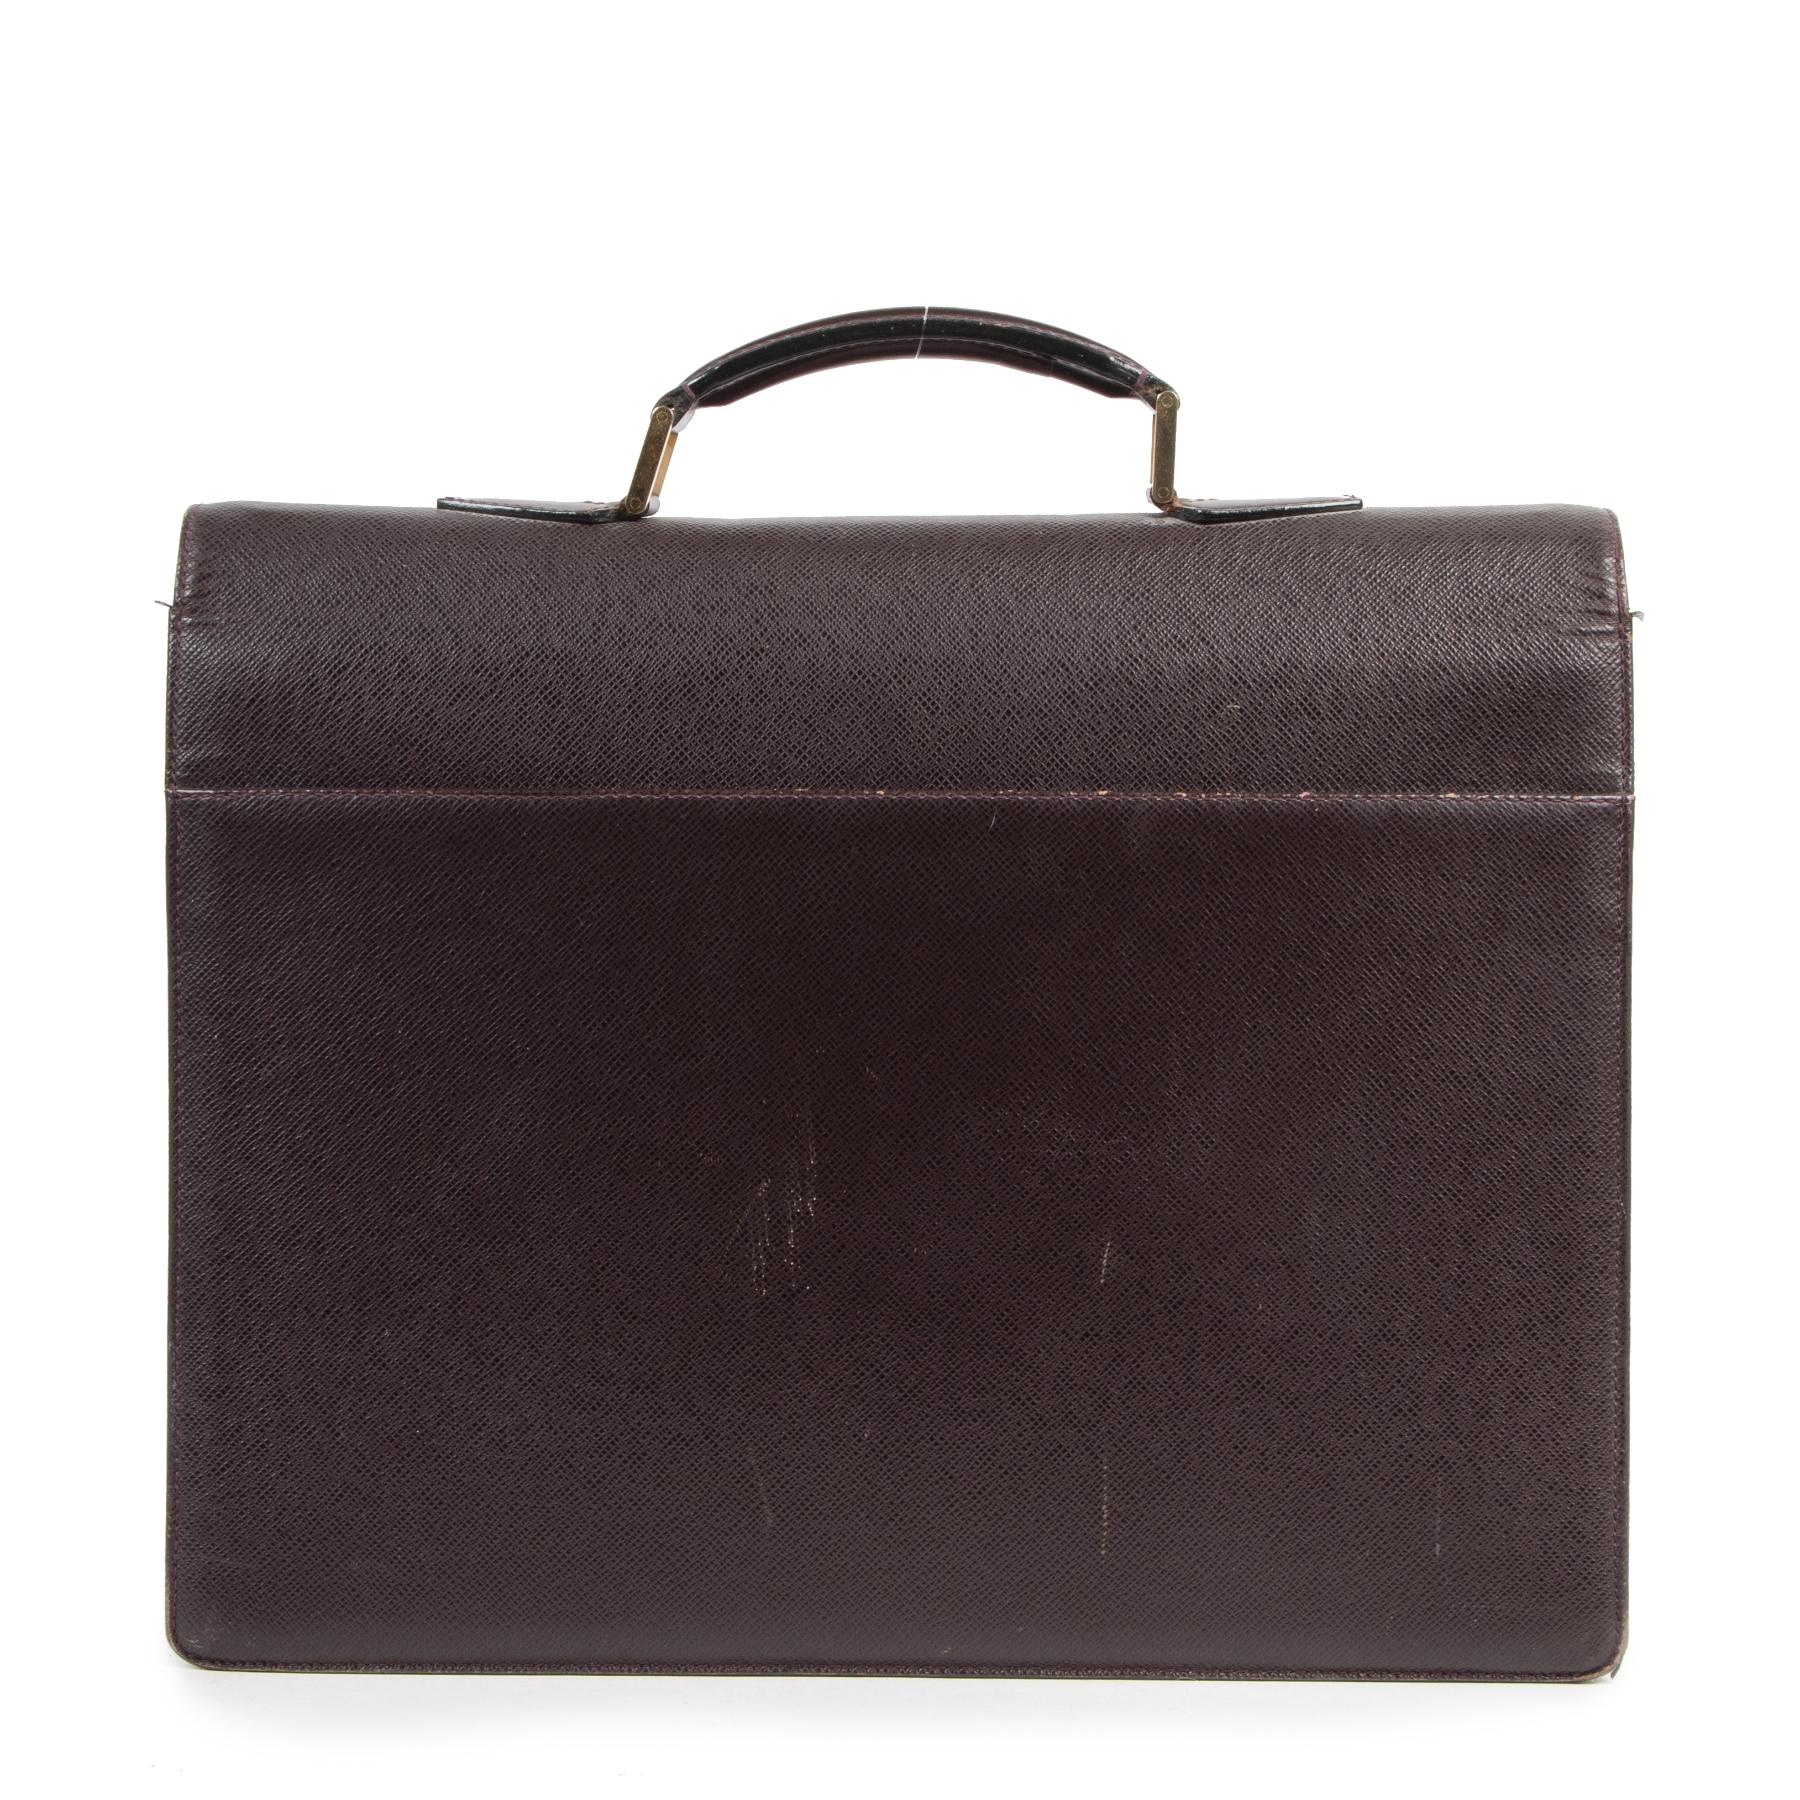 Authentieke Tweedehands Louis Vuitton Burgundy Leather Moskova Acajou Briefcase juiste prijs veilig online shoppen luxe merken webshop winkelen Antwerpen België mode fashion